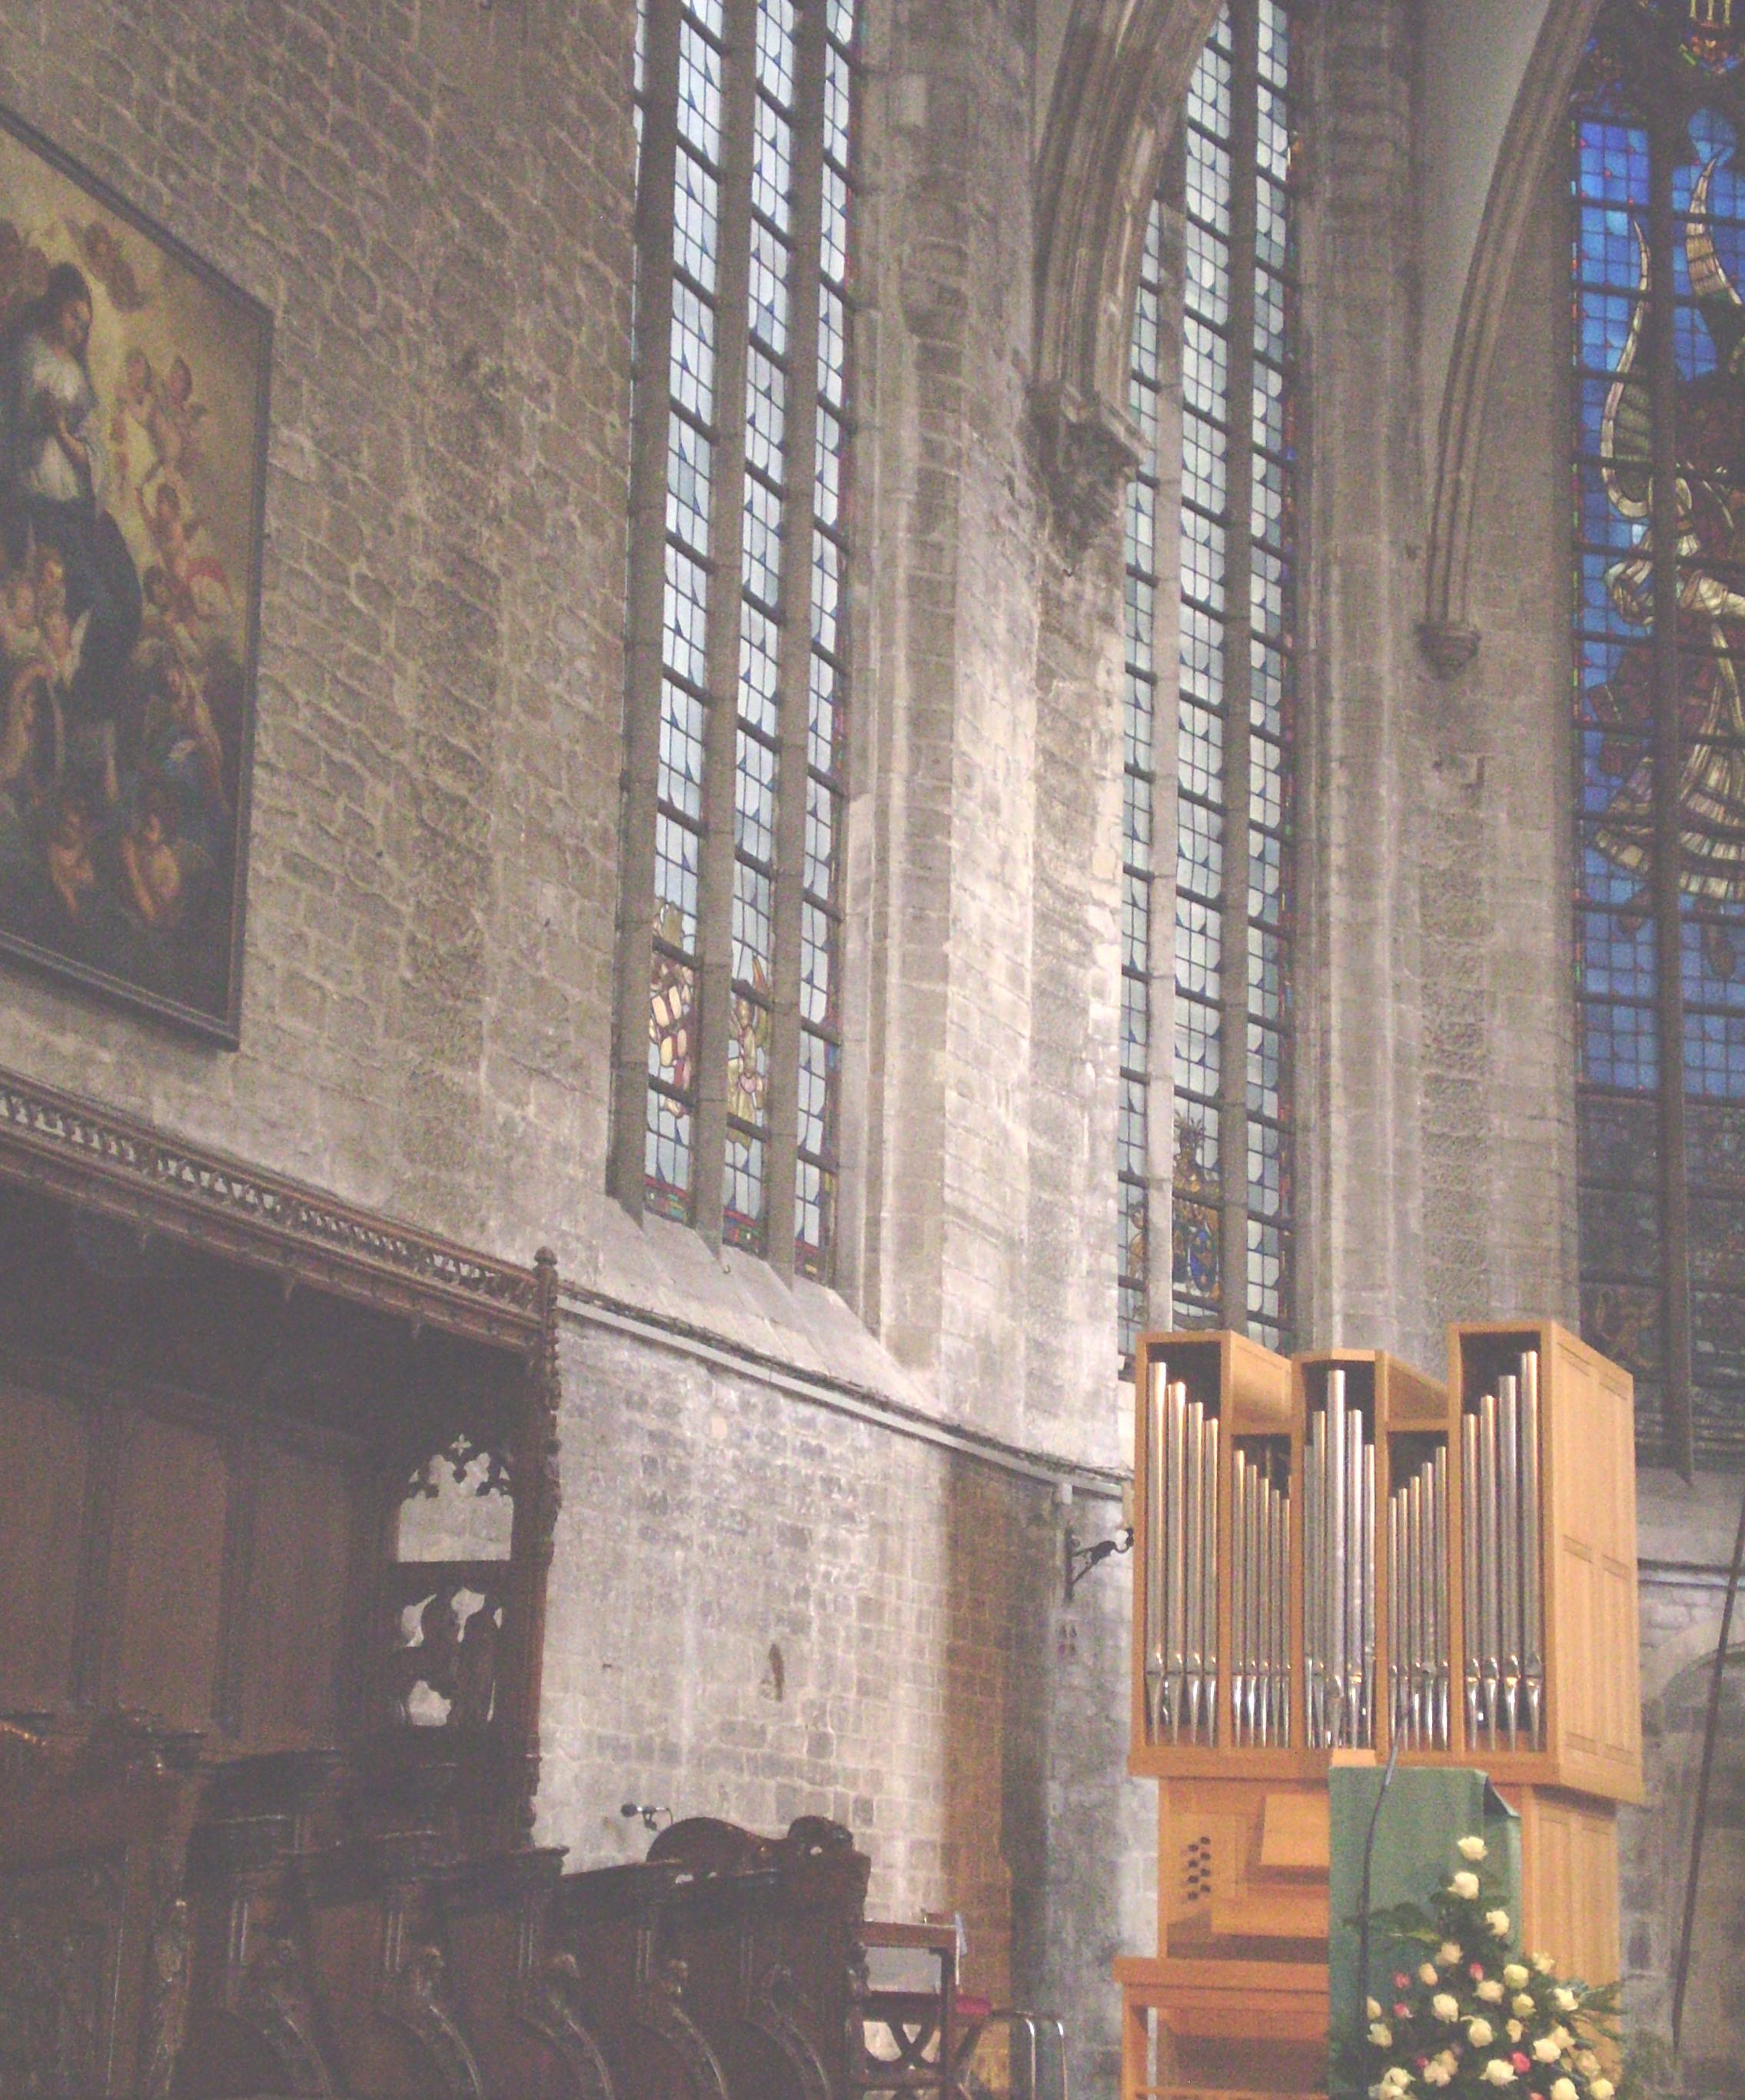 ブルッセル 教会内